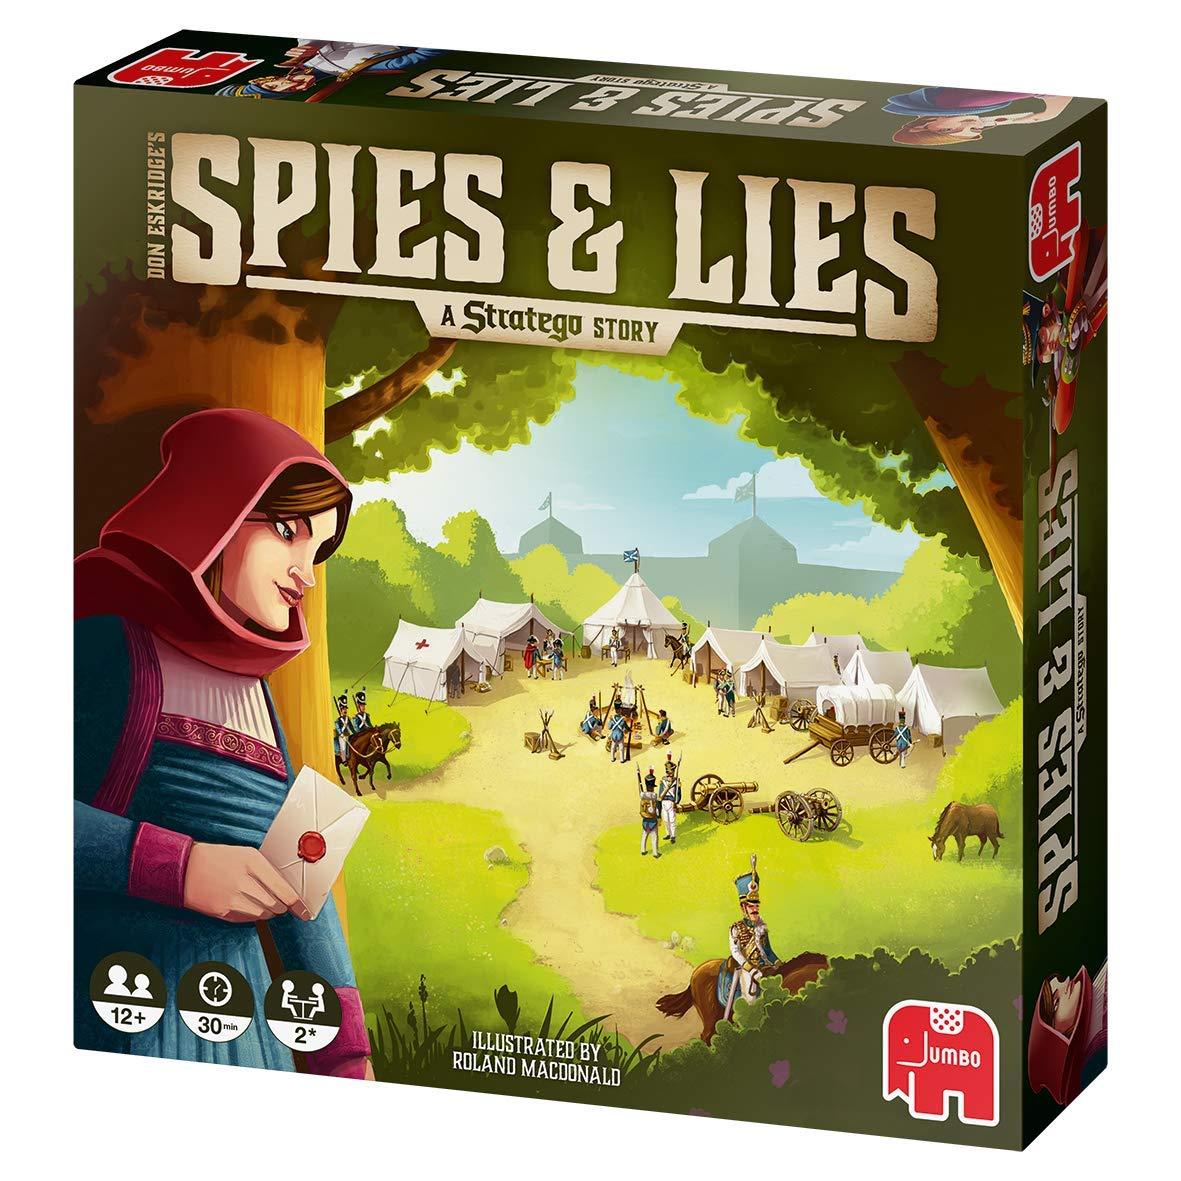 Spies & Lies: Eine Stratego-Geschichte: Amazon.es: Libros en idiomas extranjeros